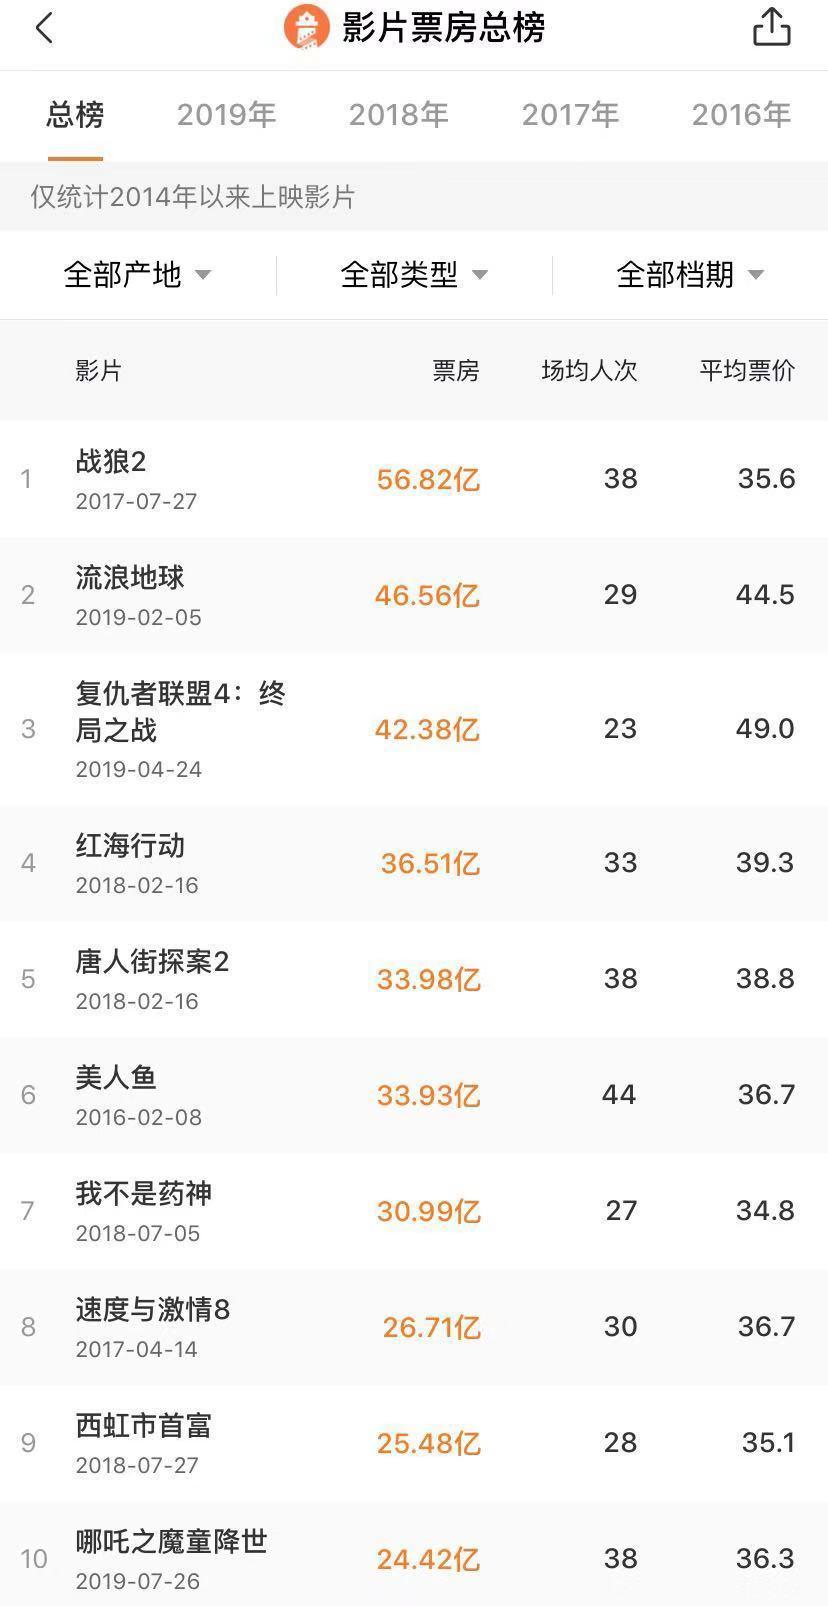 哪吒内地票房前十:电影《哪吒之魔童降世》票房达到24.42亿,进入内地票房总榜前十